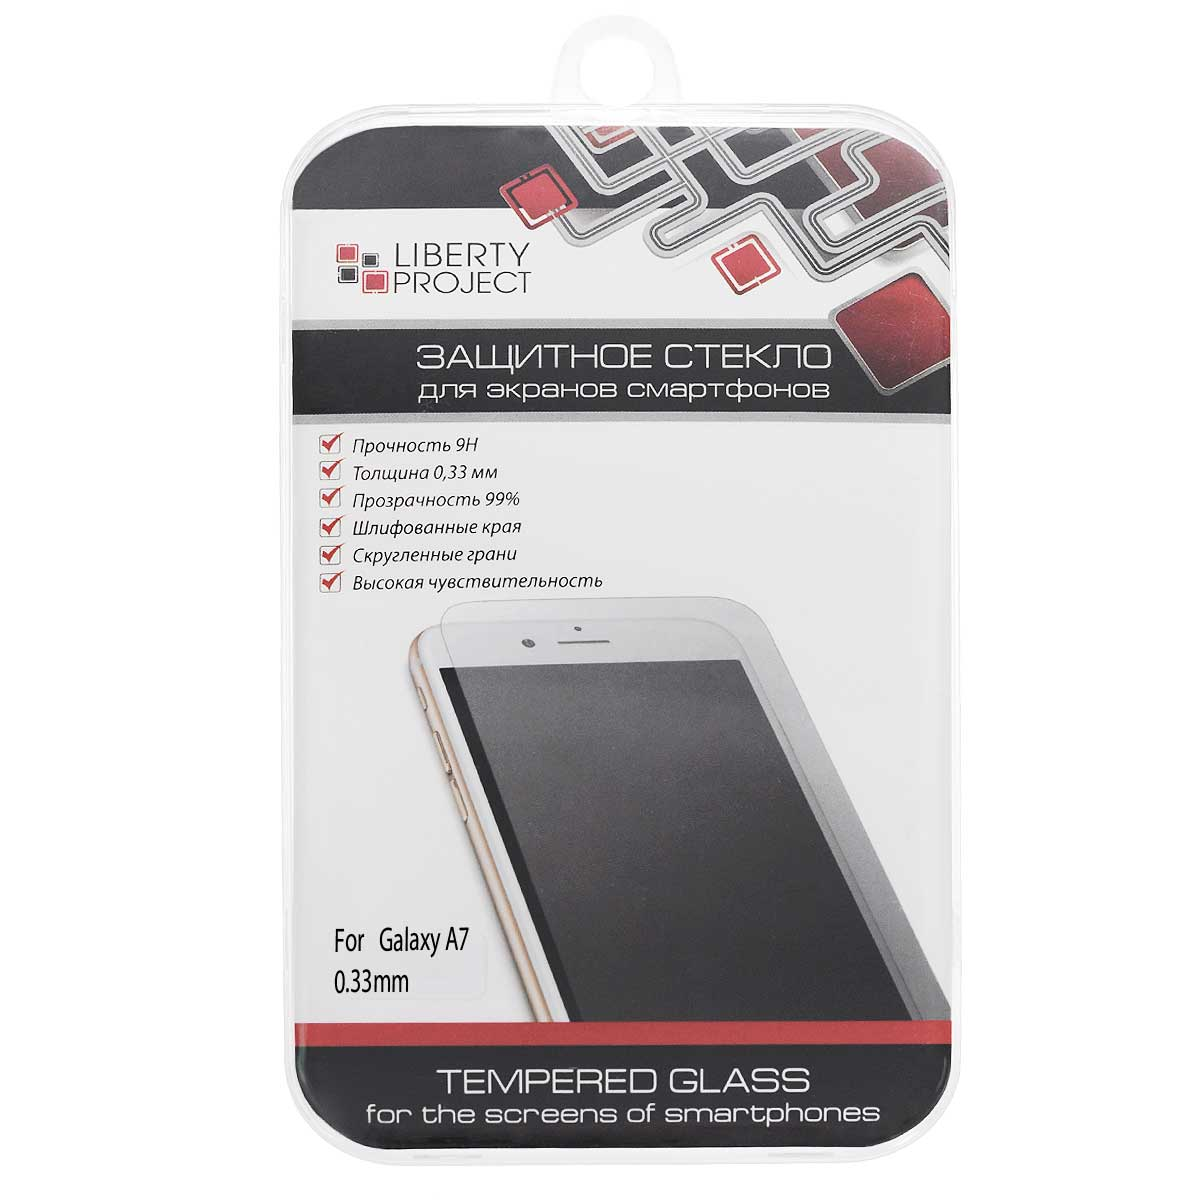 Liberty Project Tempered Glass защитное стекло для Samsung Galaxy A7, Clear (0,33 мм)0L-00000355Защитное стекло Liberty Project Tempered Glass предназначено для защиты поверхности экрана, от царапин, потертостей, отпечатков пальцев и прочих следов механического воздействия. Гарантирует высокую чувствительность при работе с устройством. Данная модель также обладает антибликовым и водоотталкивающим эффектом.